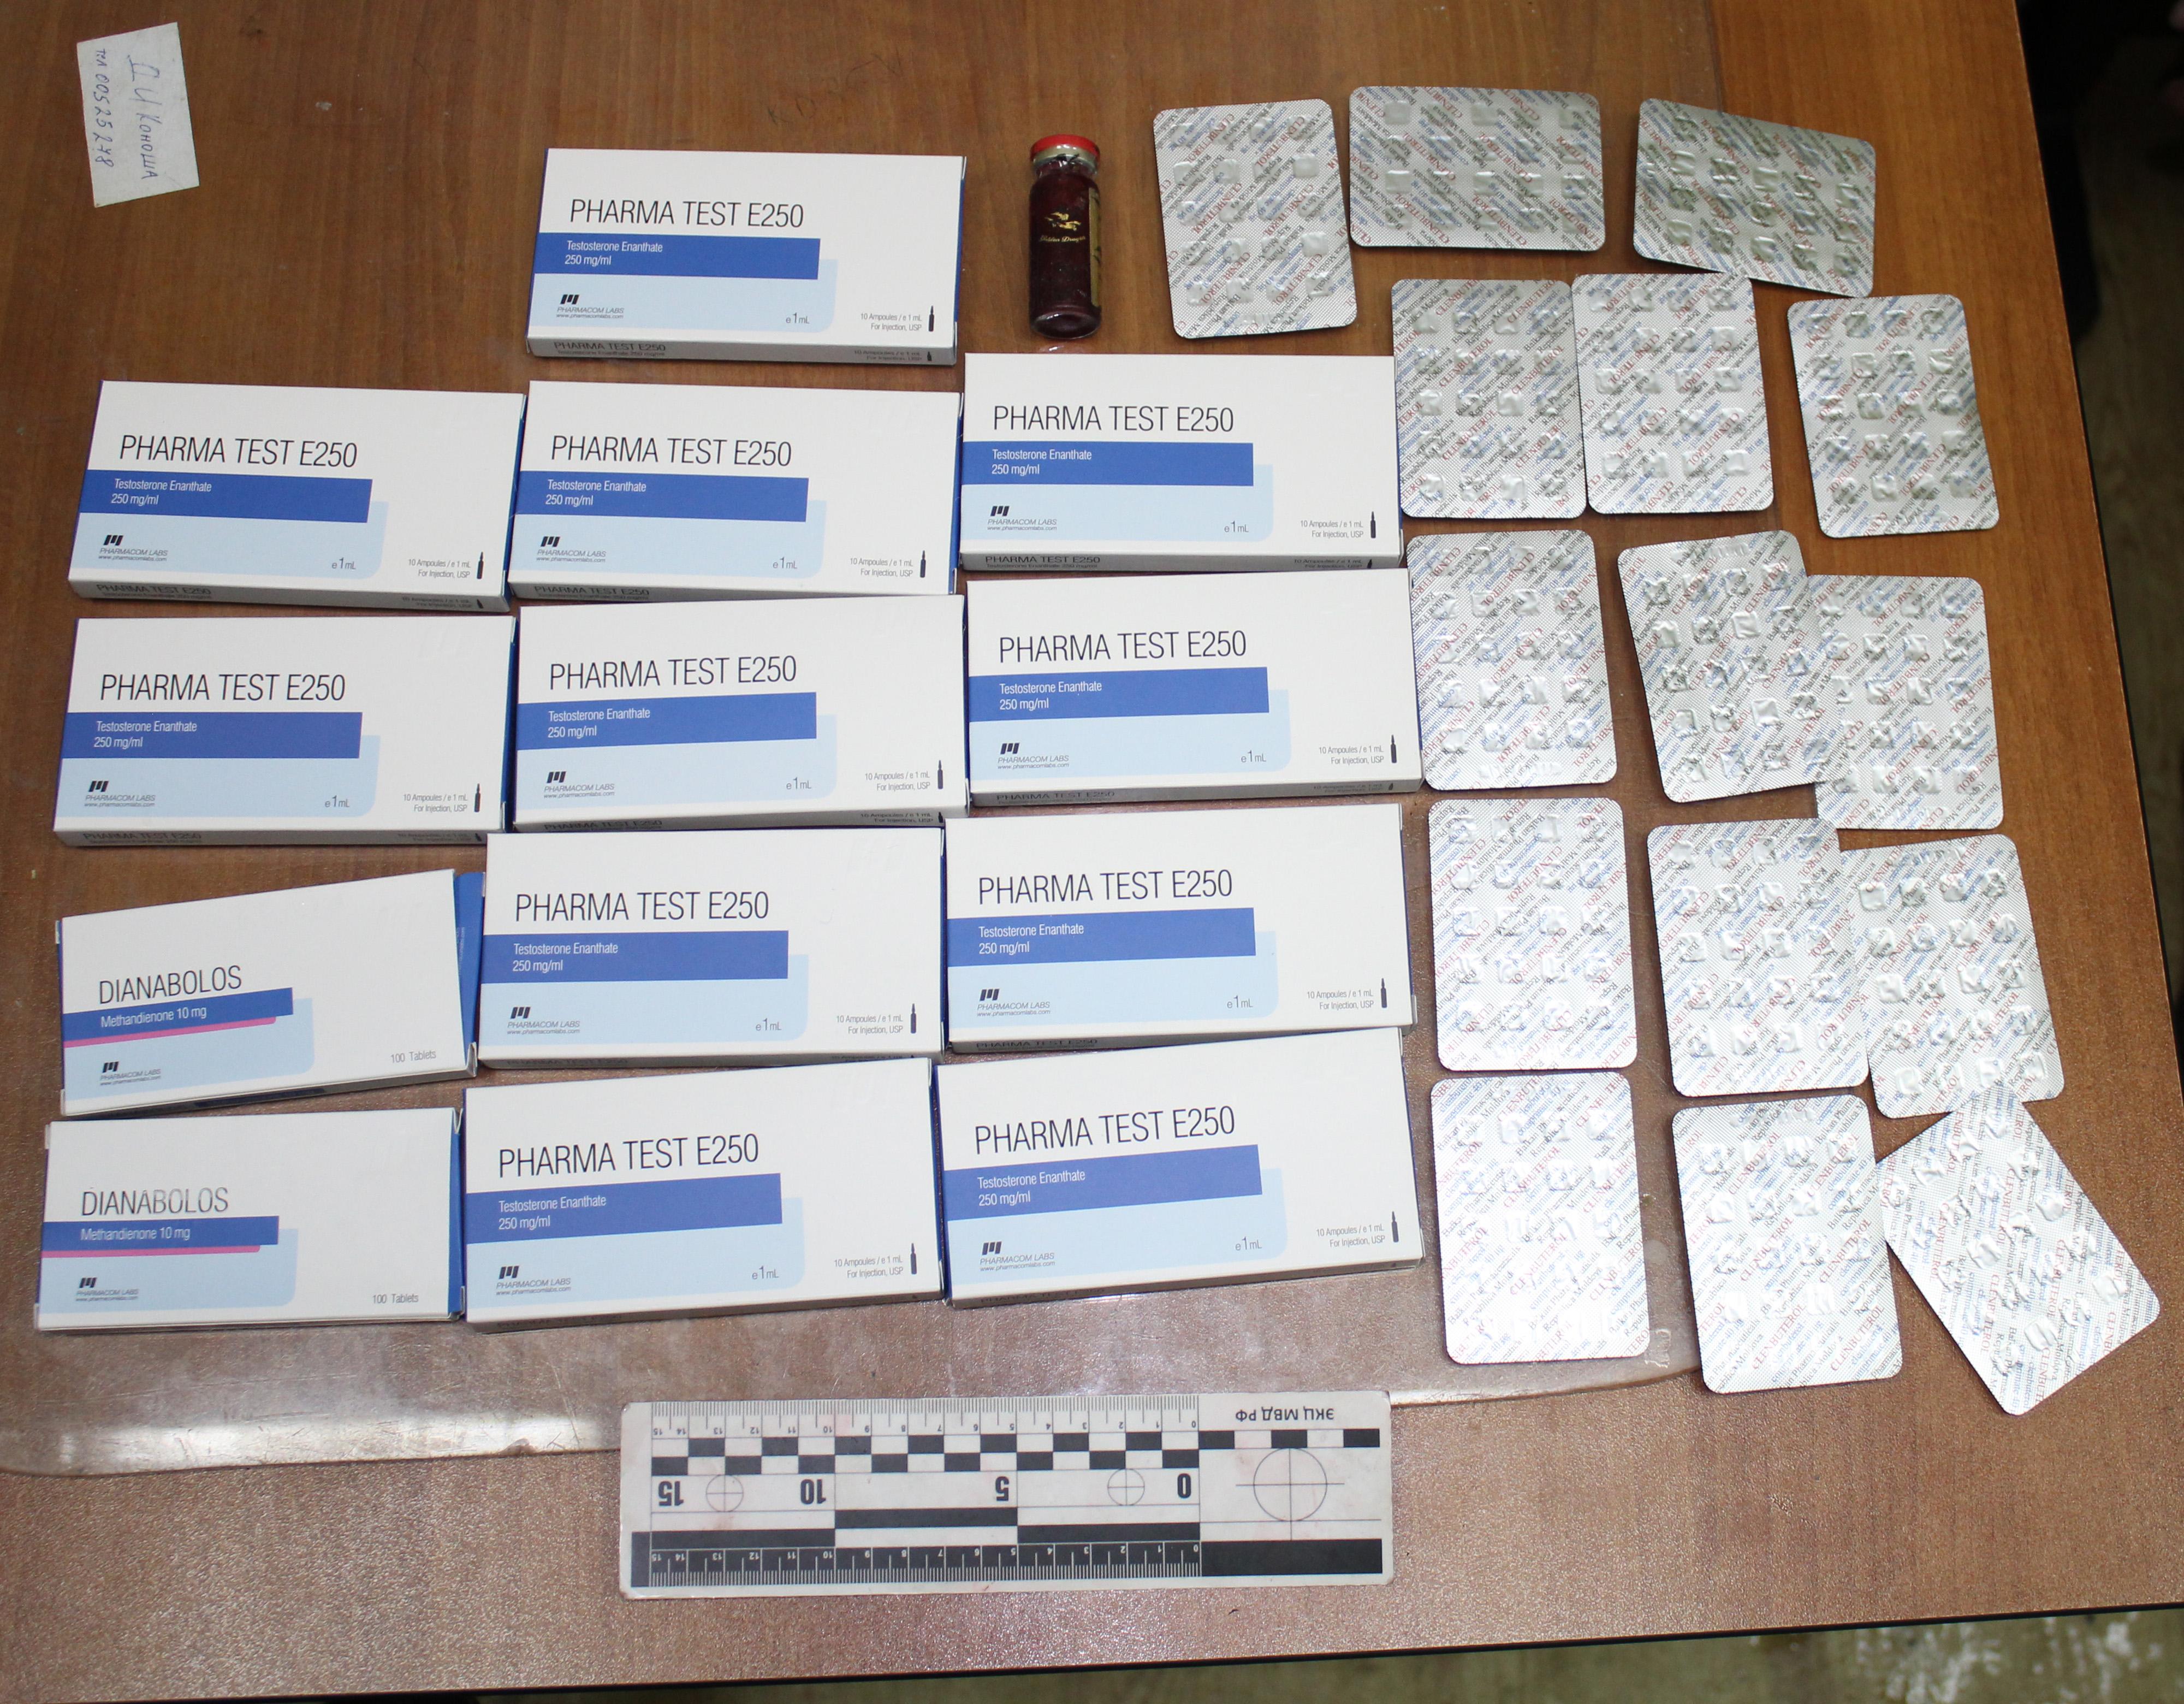 На вокзале в Соколе поймали мужчину с упаковками запрещенных в России препаратов